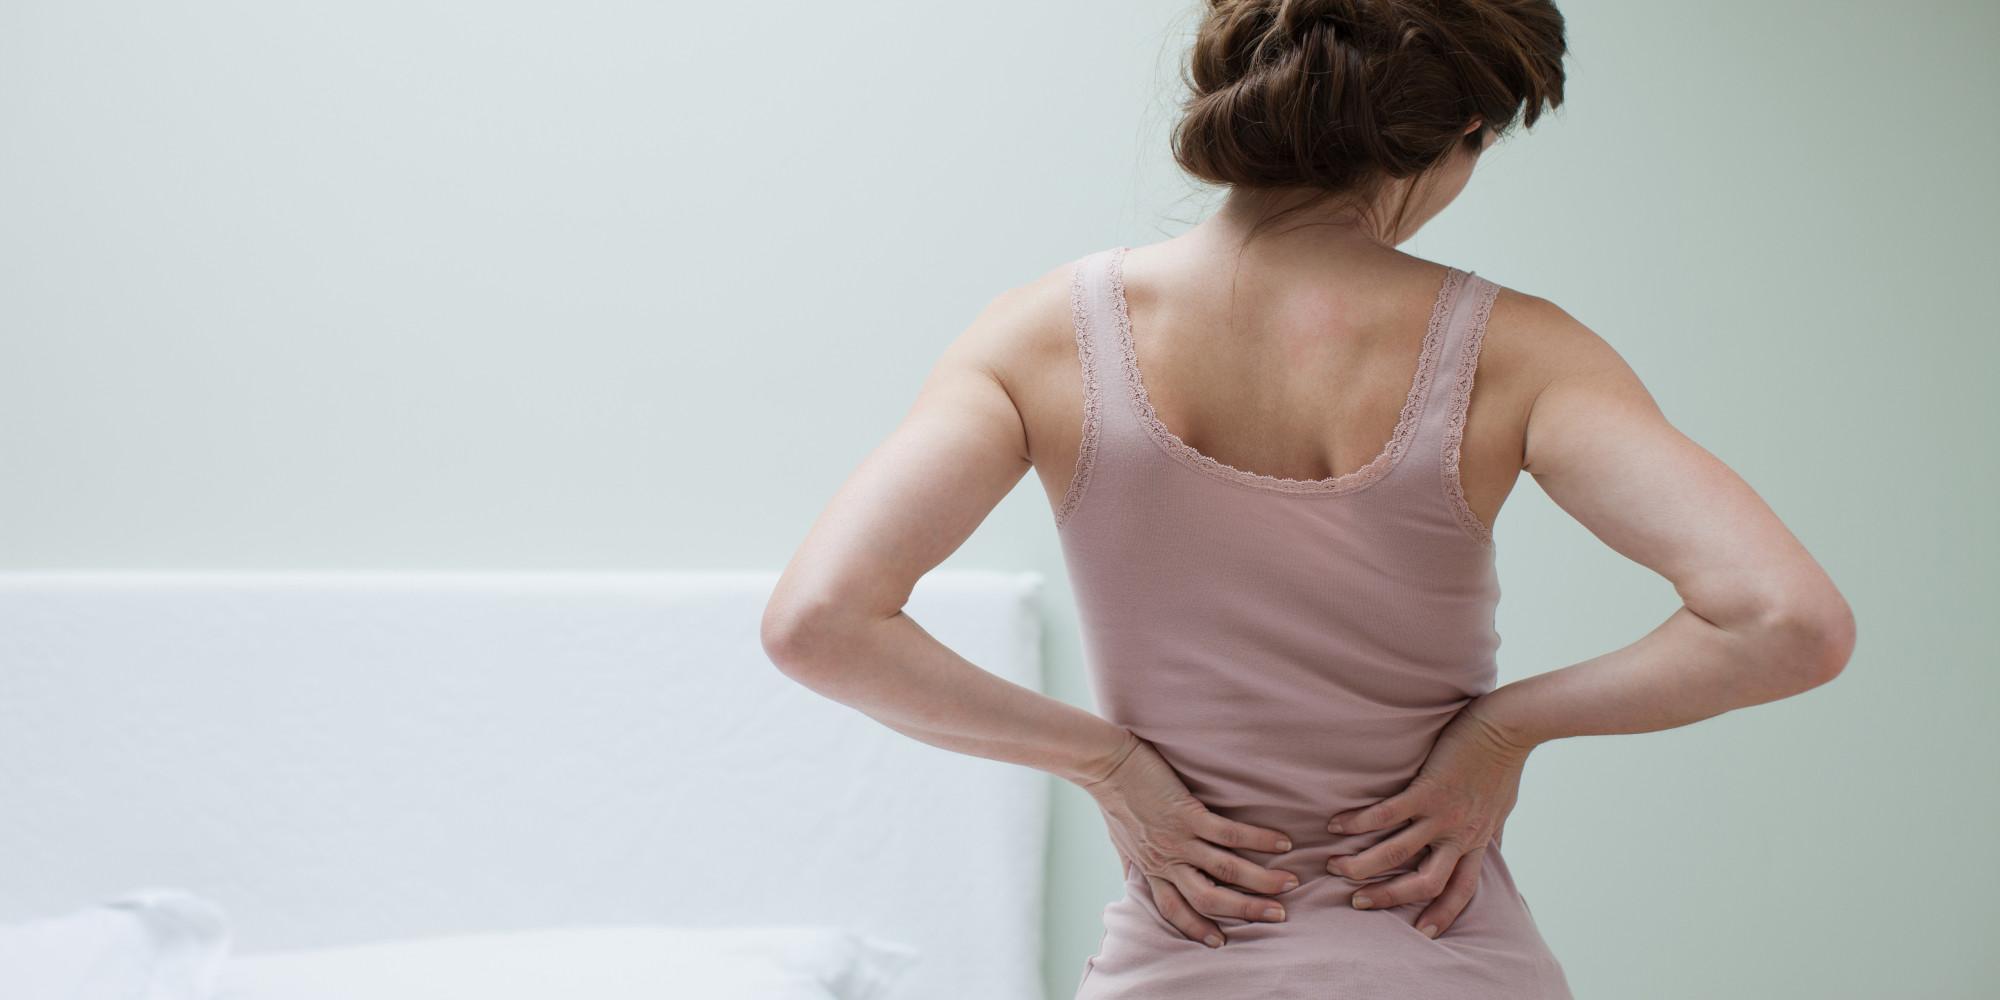 Боль в пояснице - один из первых симптомов болезни почек